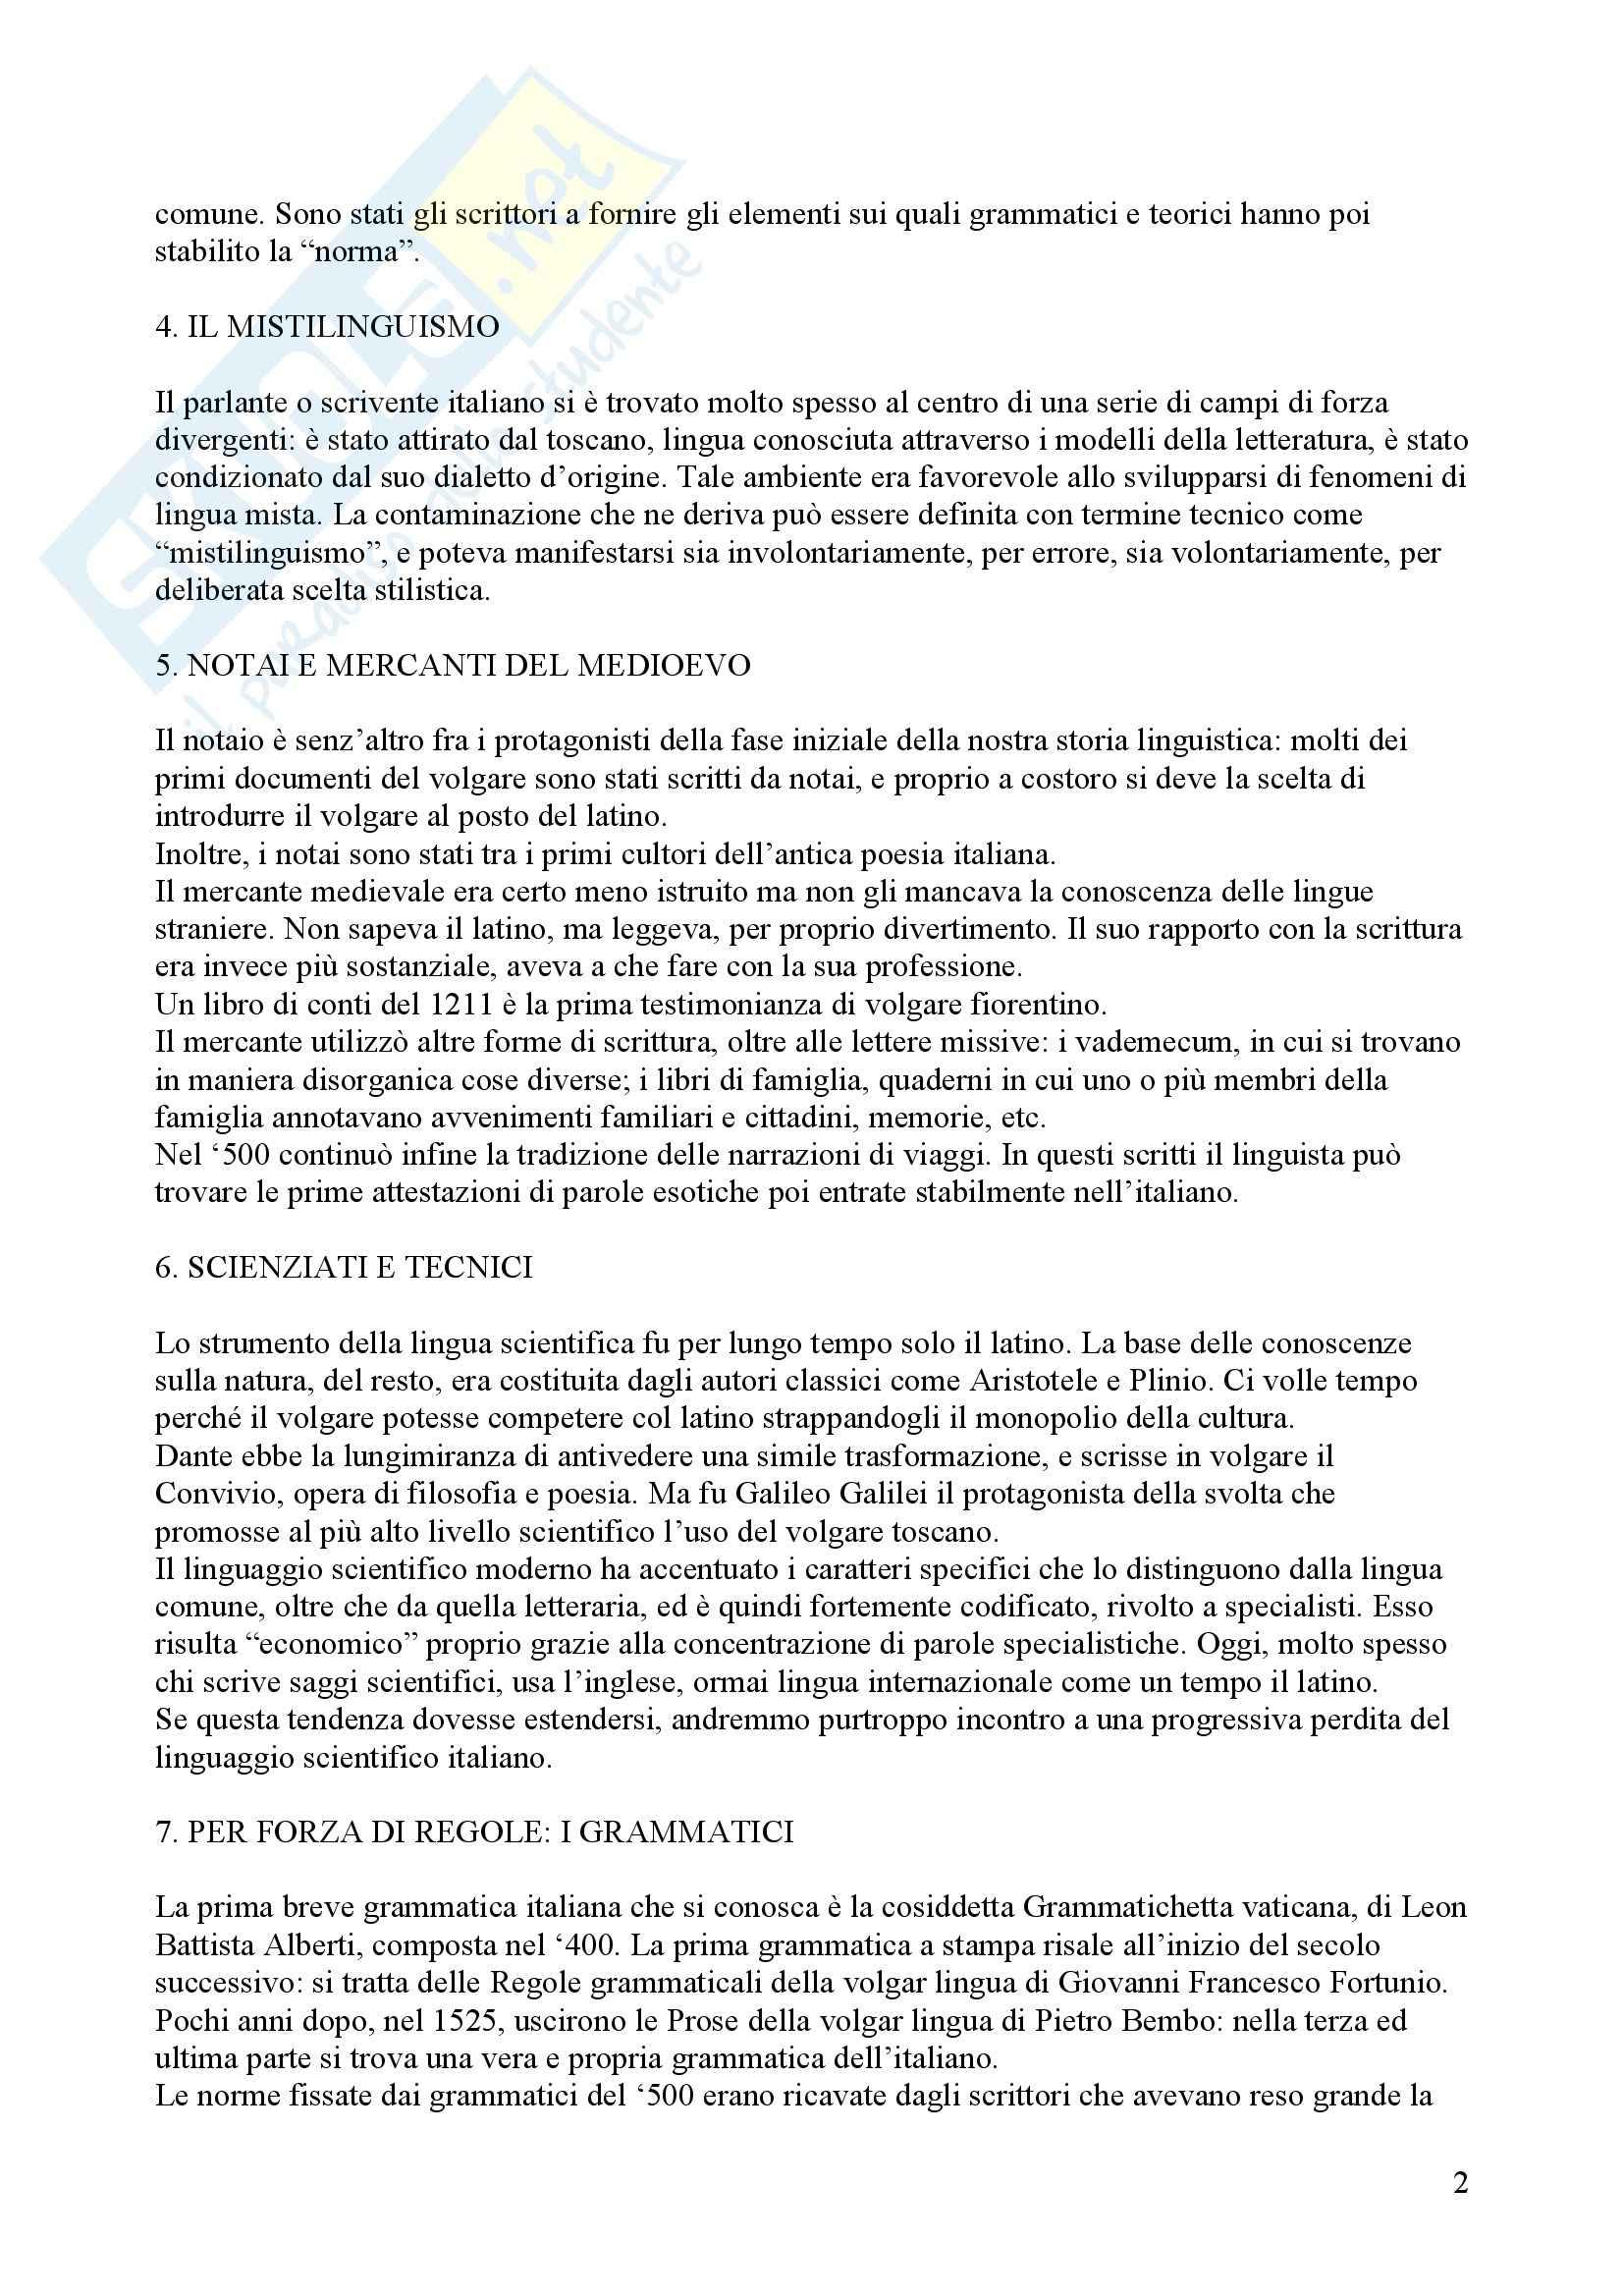 Tecniche espressive e composizione testi in italiano - Claudio Marazzini - breve storia della lingua italiana Pag. 2